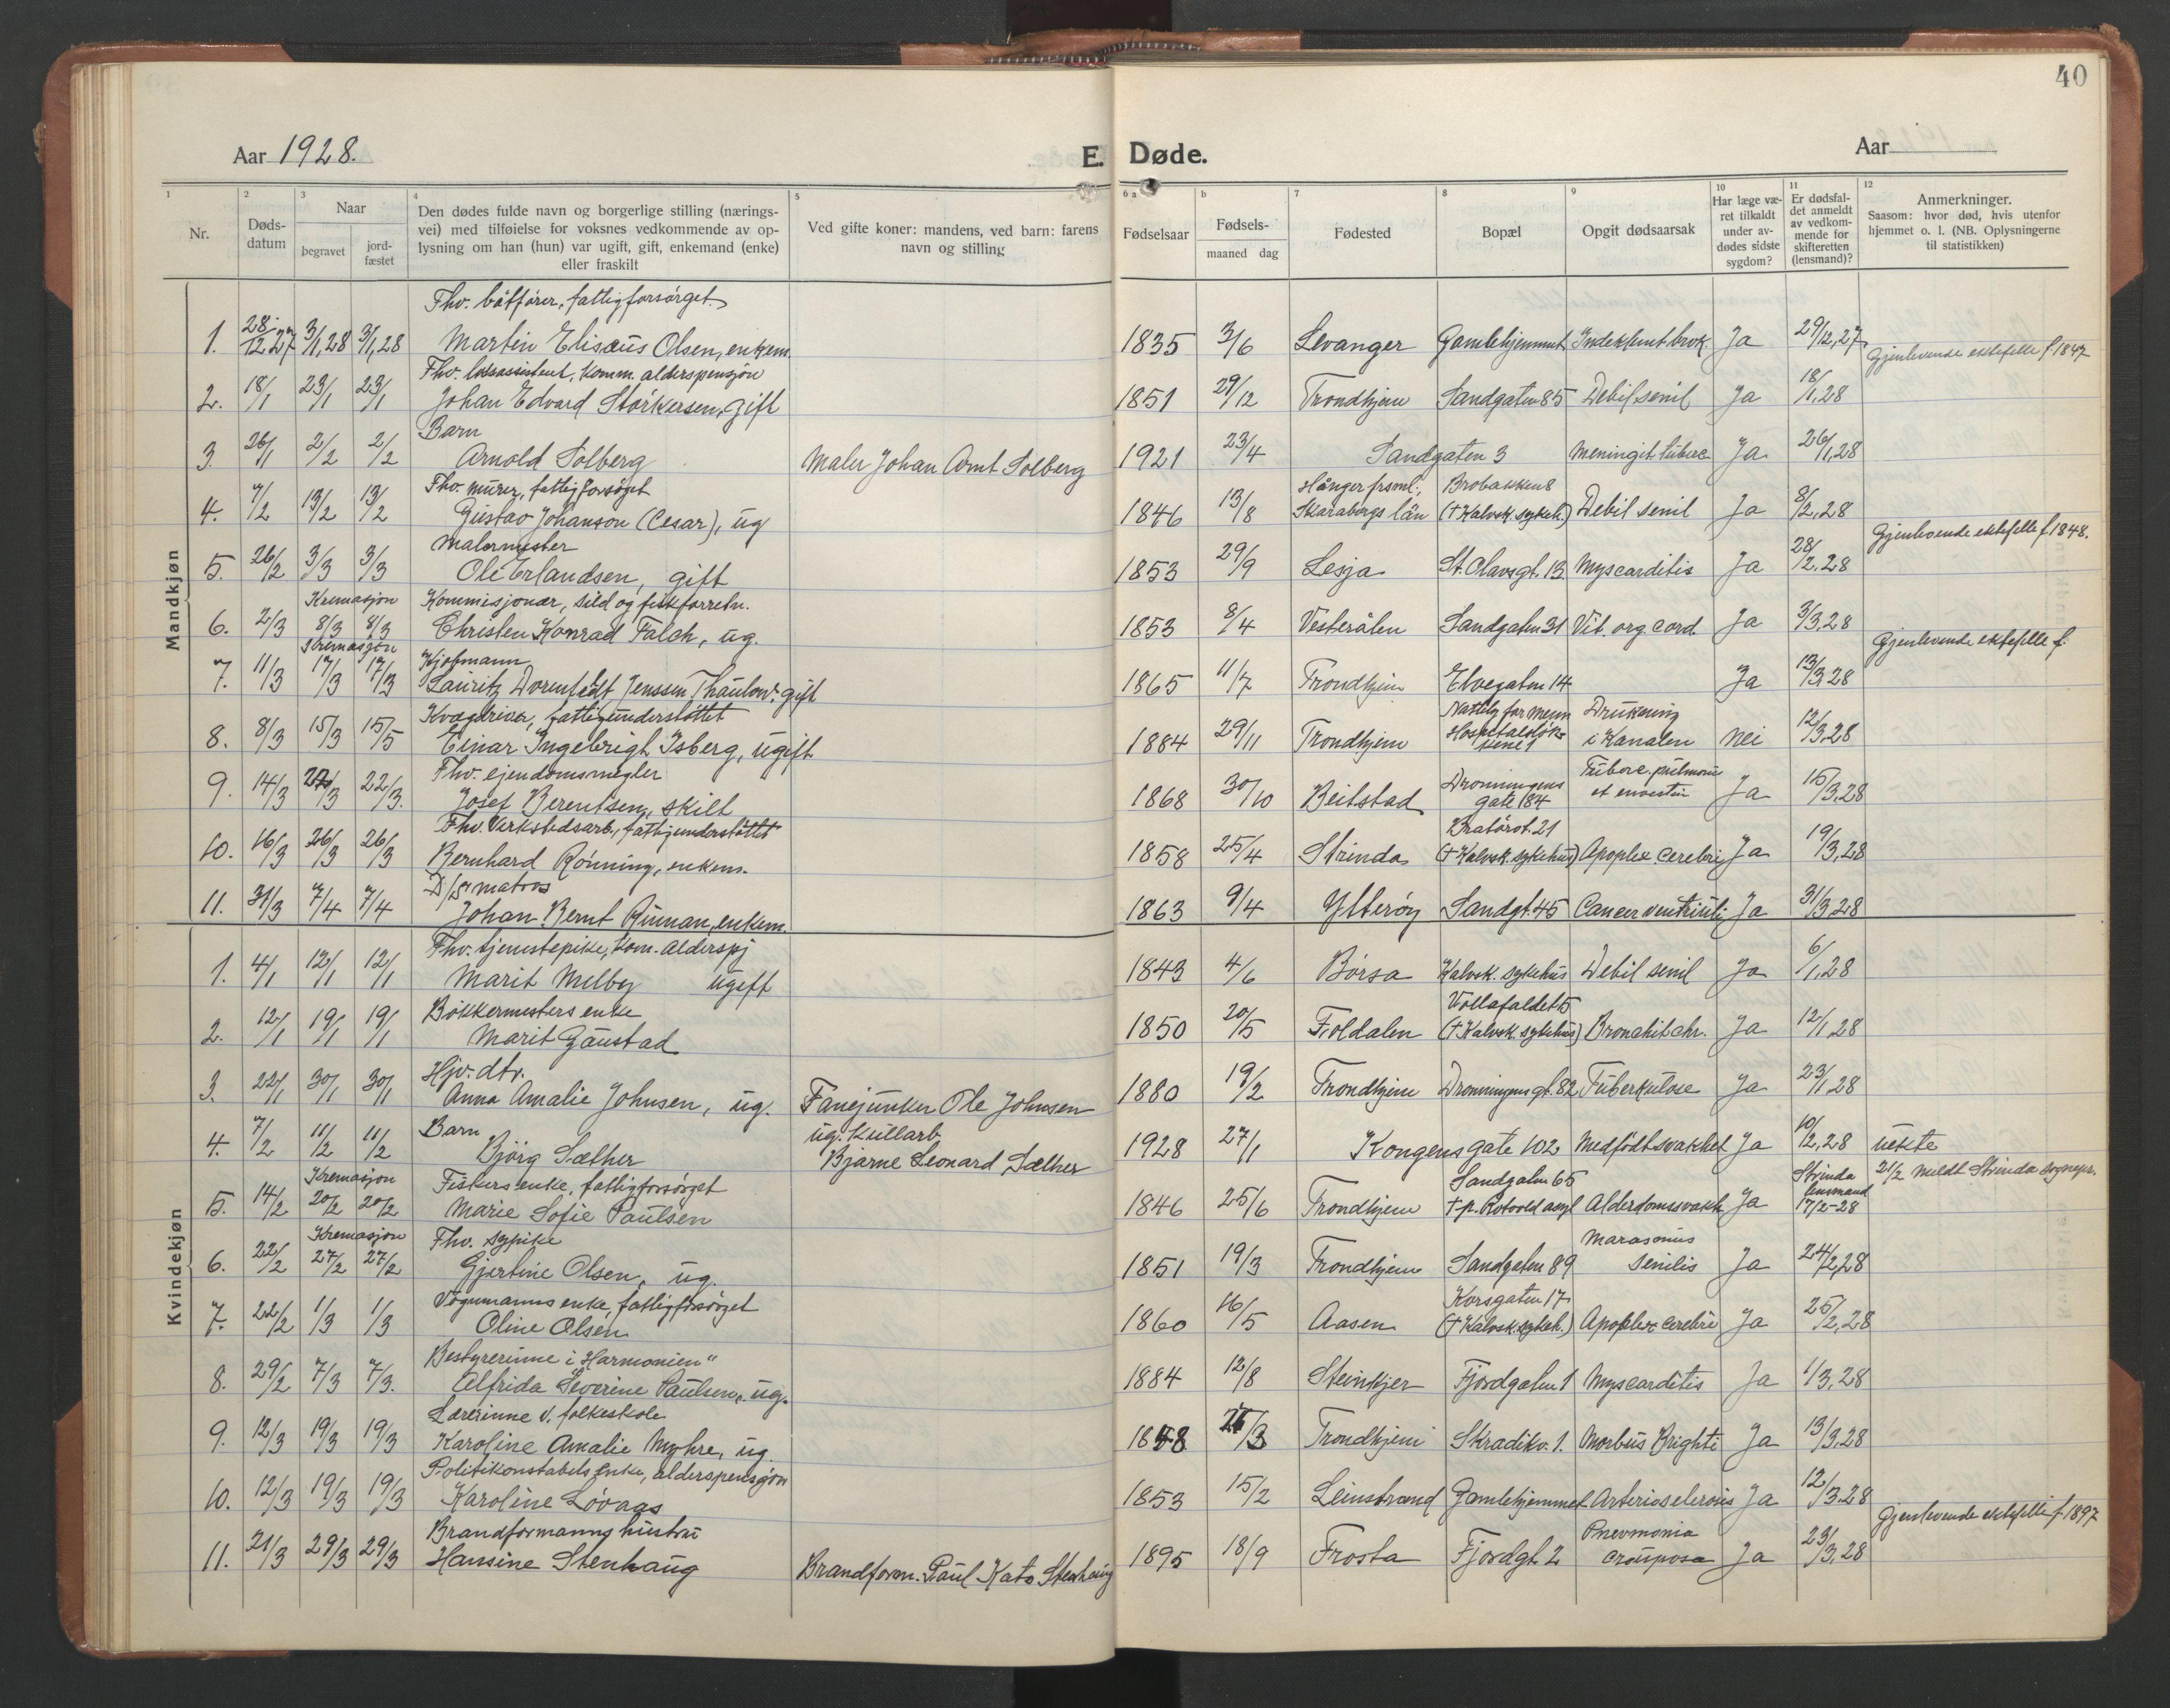 SAT, Ministerialprotokoller, klokkerbøker og fødselsregistre - Sør-Trøndelag, 602/L0150: Klokkerbok nr. 602C18, 1922-1949, s. 40